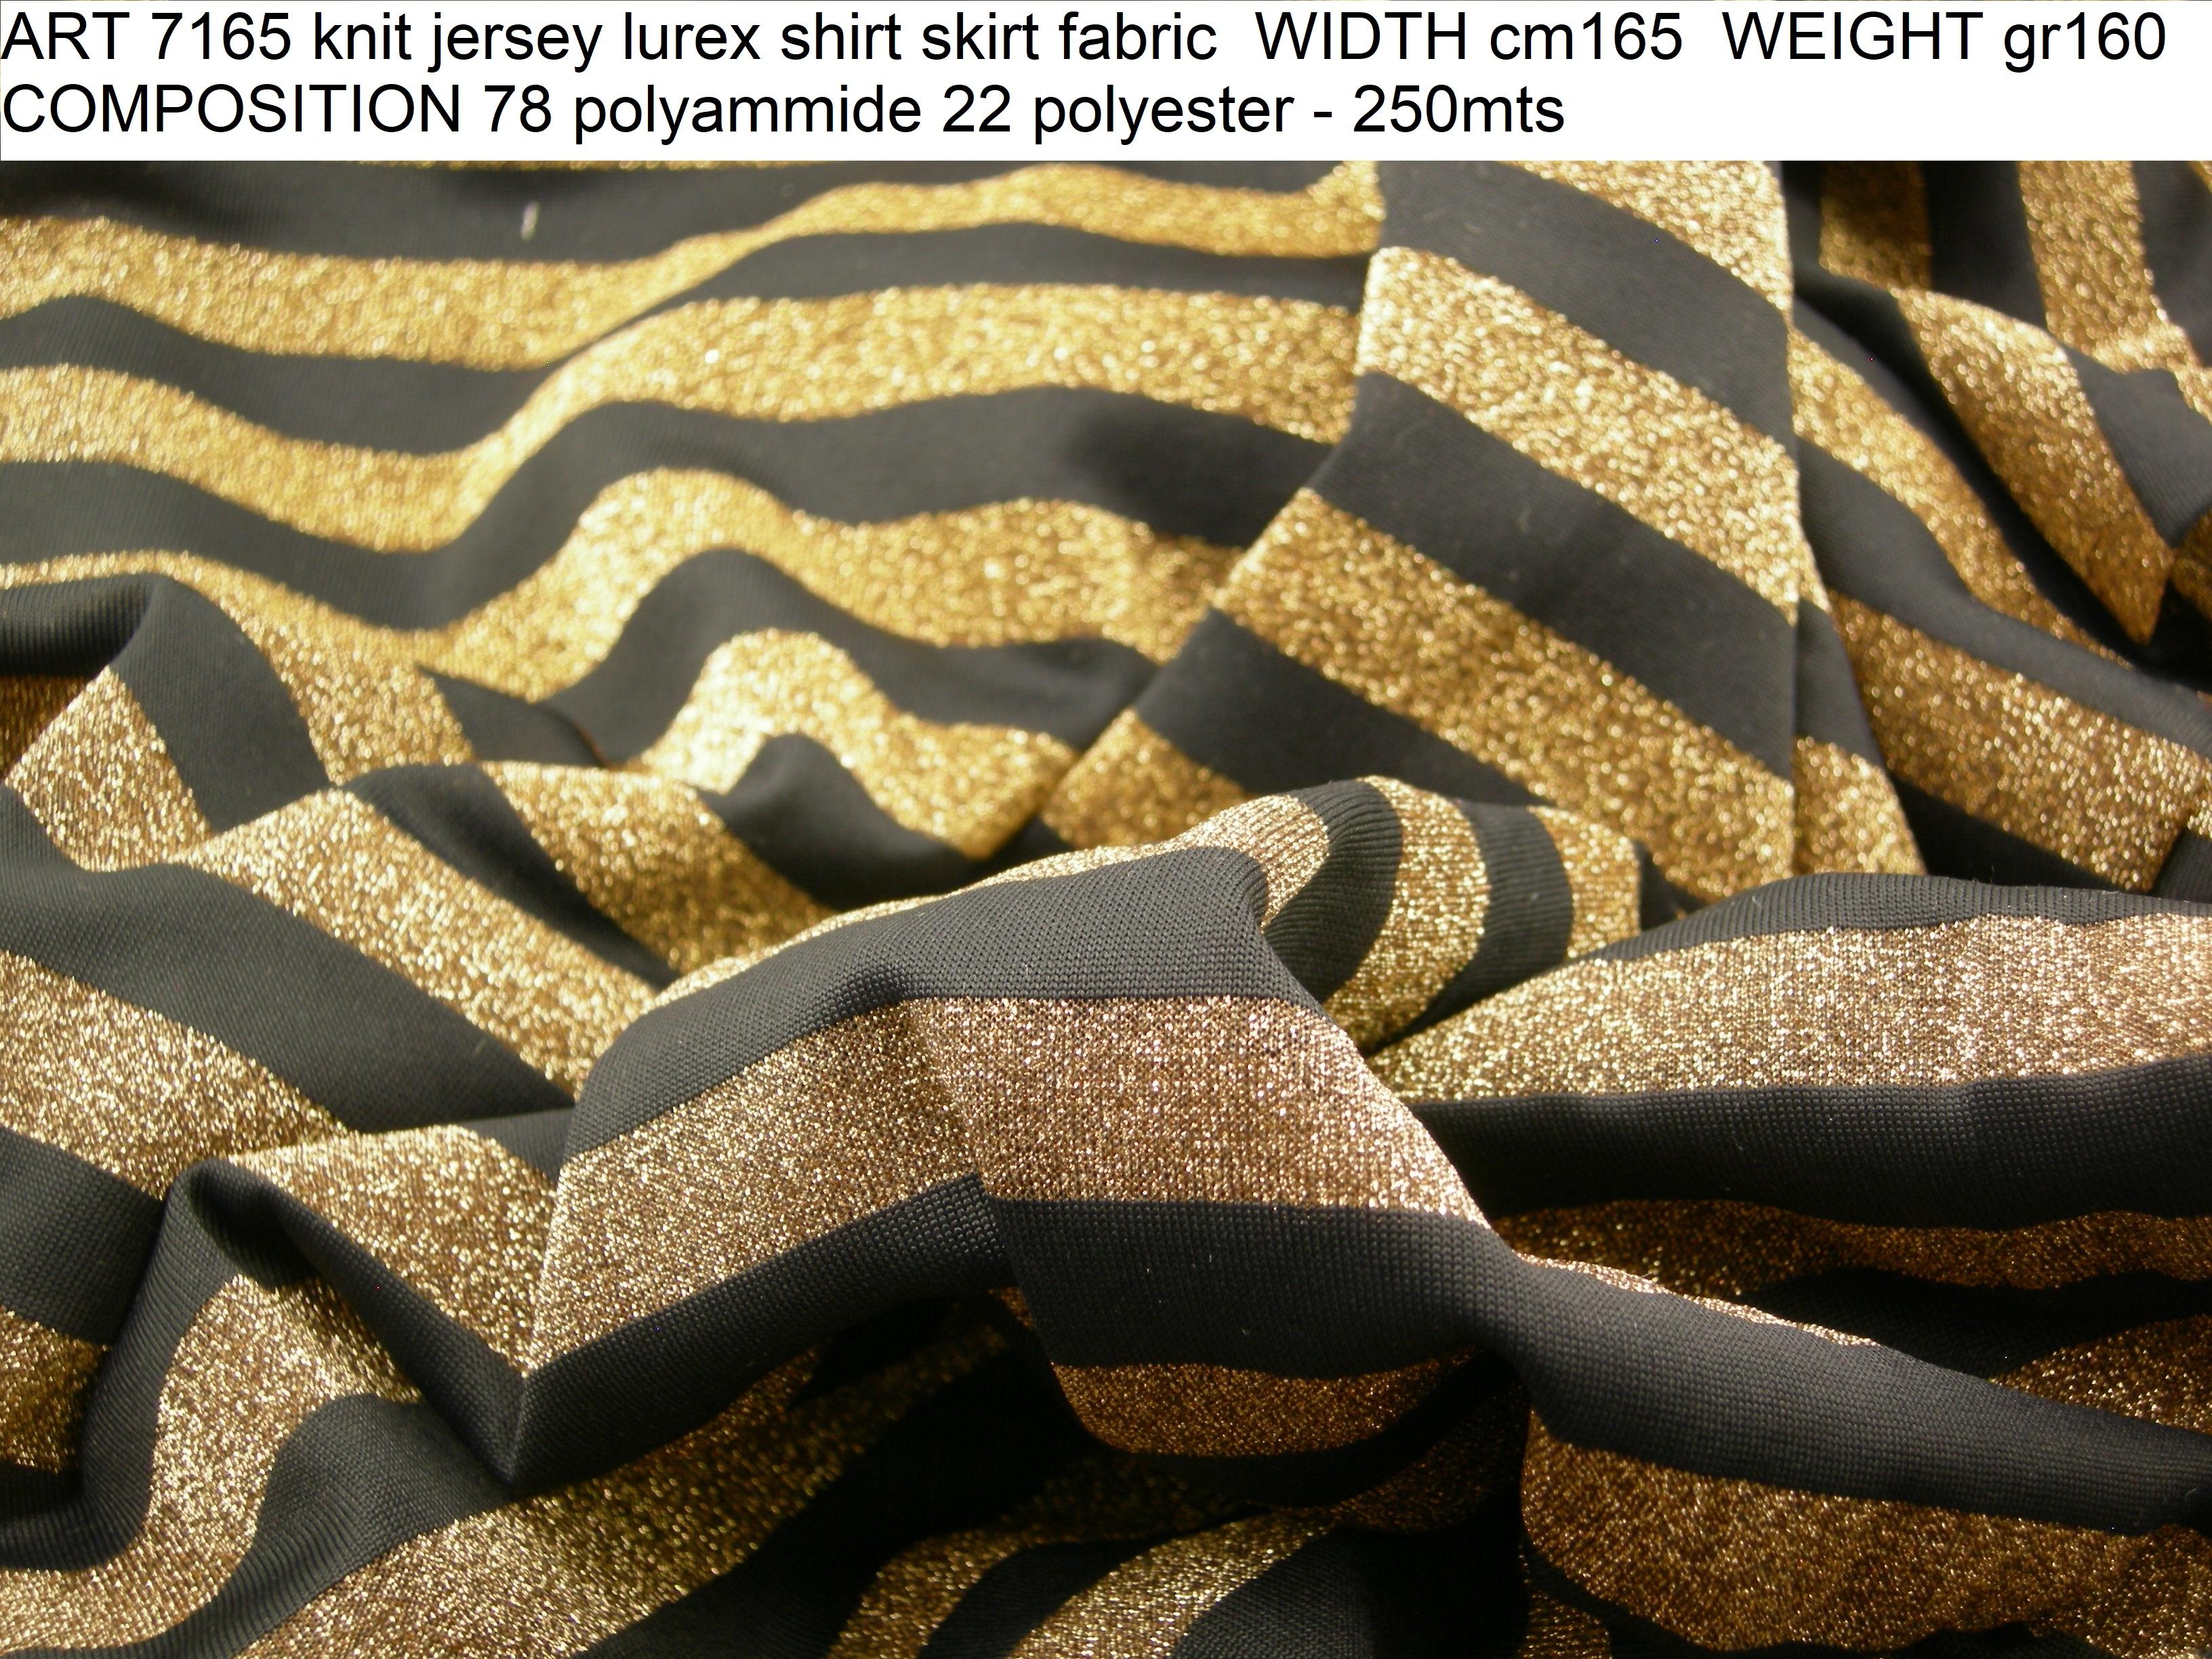 ART 7165 knit jersey lurex shirt skirt fabric WIDTH cm165 WEIGHT gr160 COMPOSITION 78 polyammide 22 polyester - 250mts